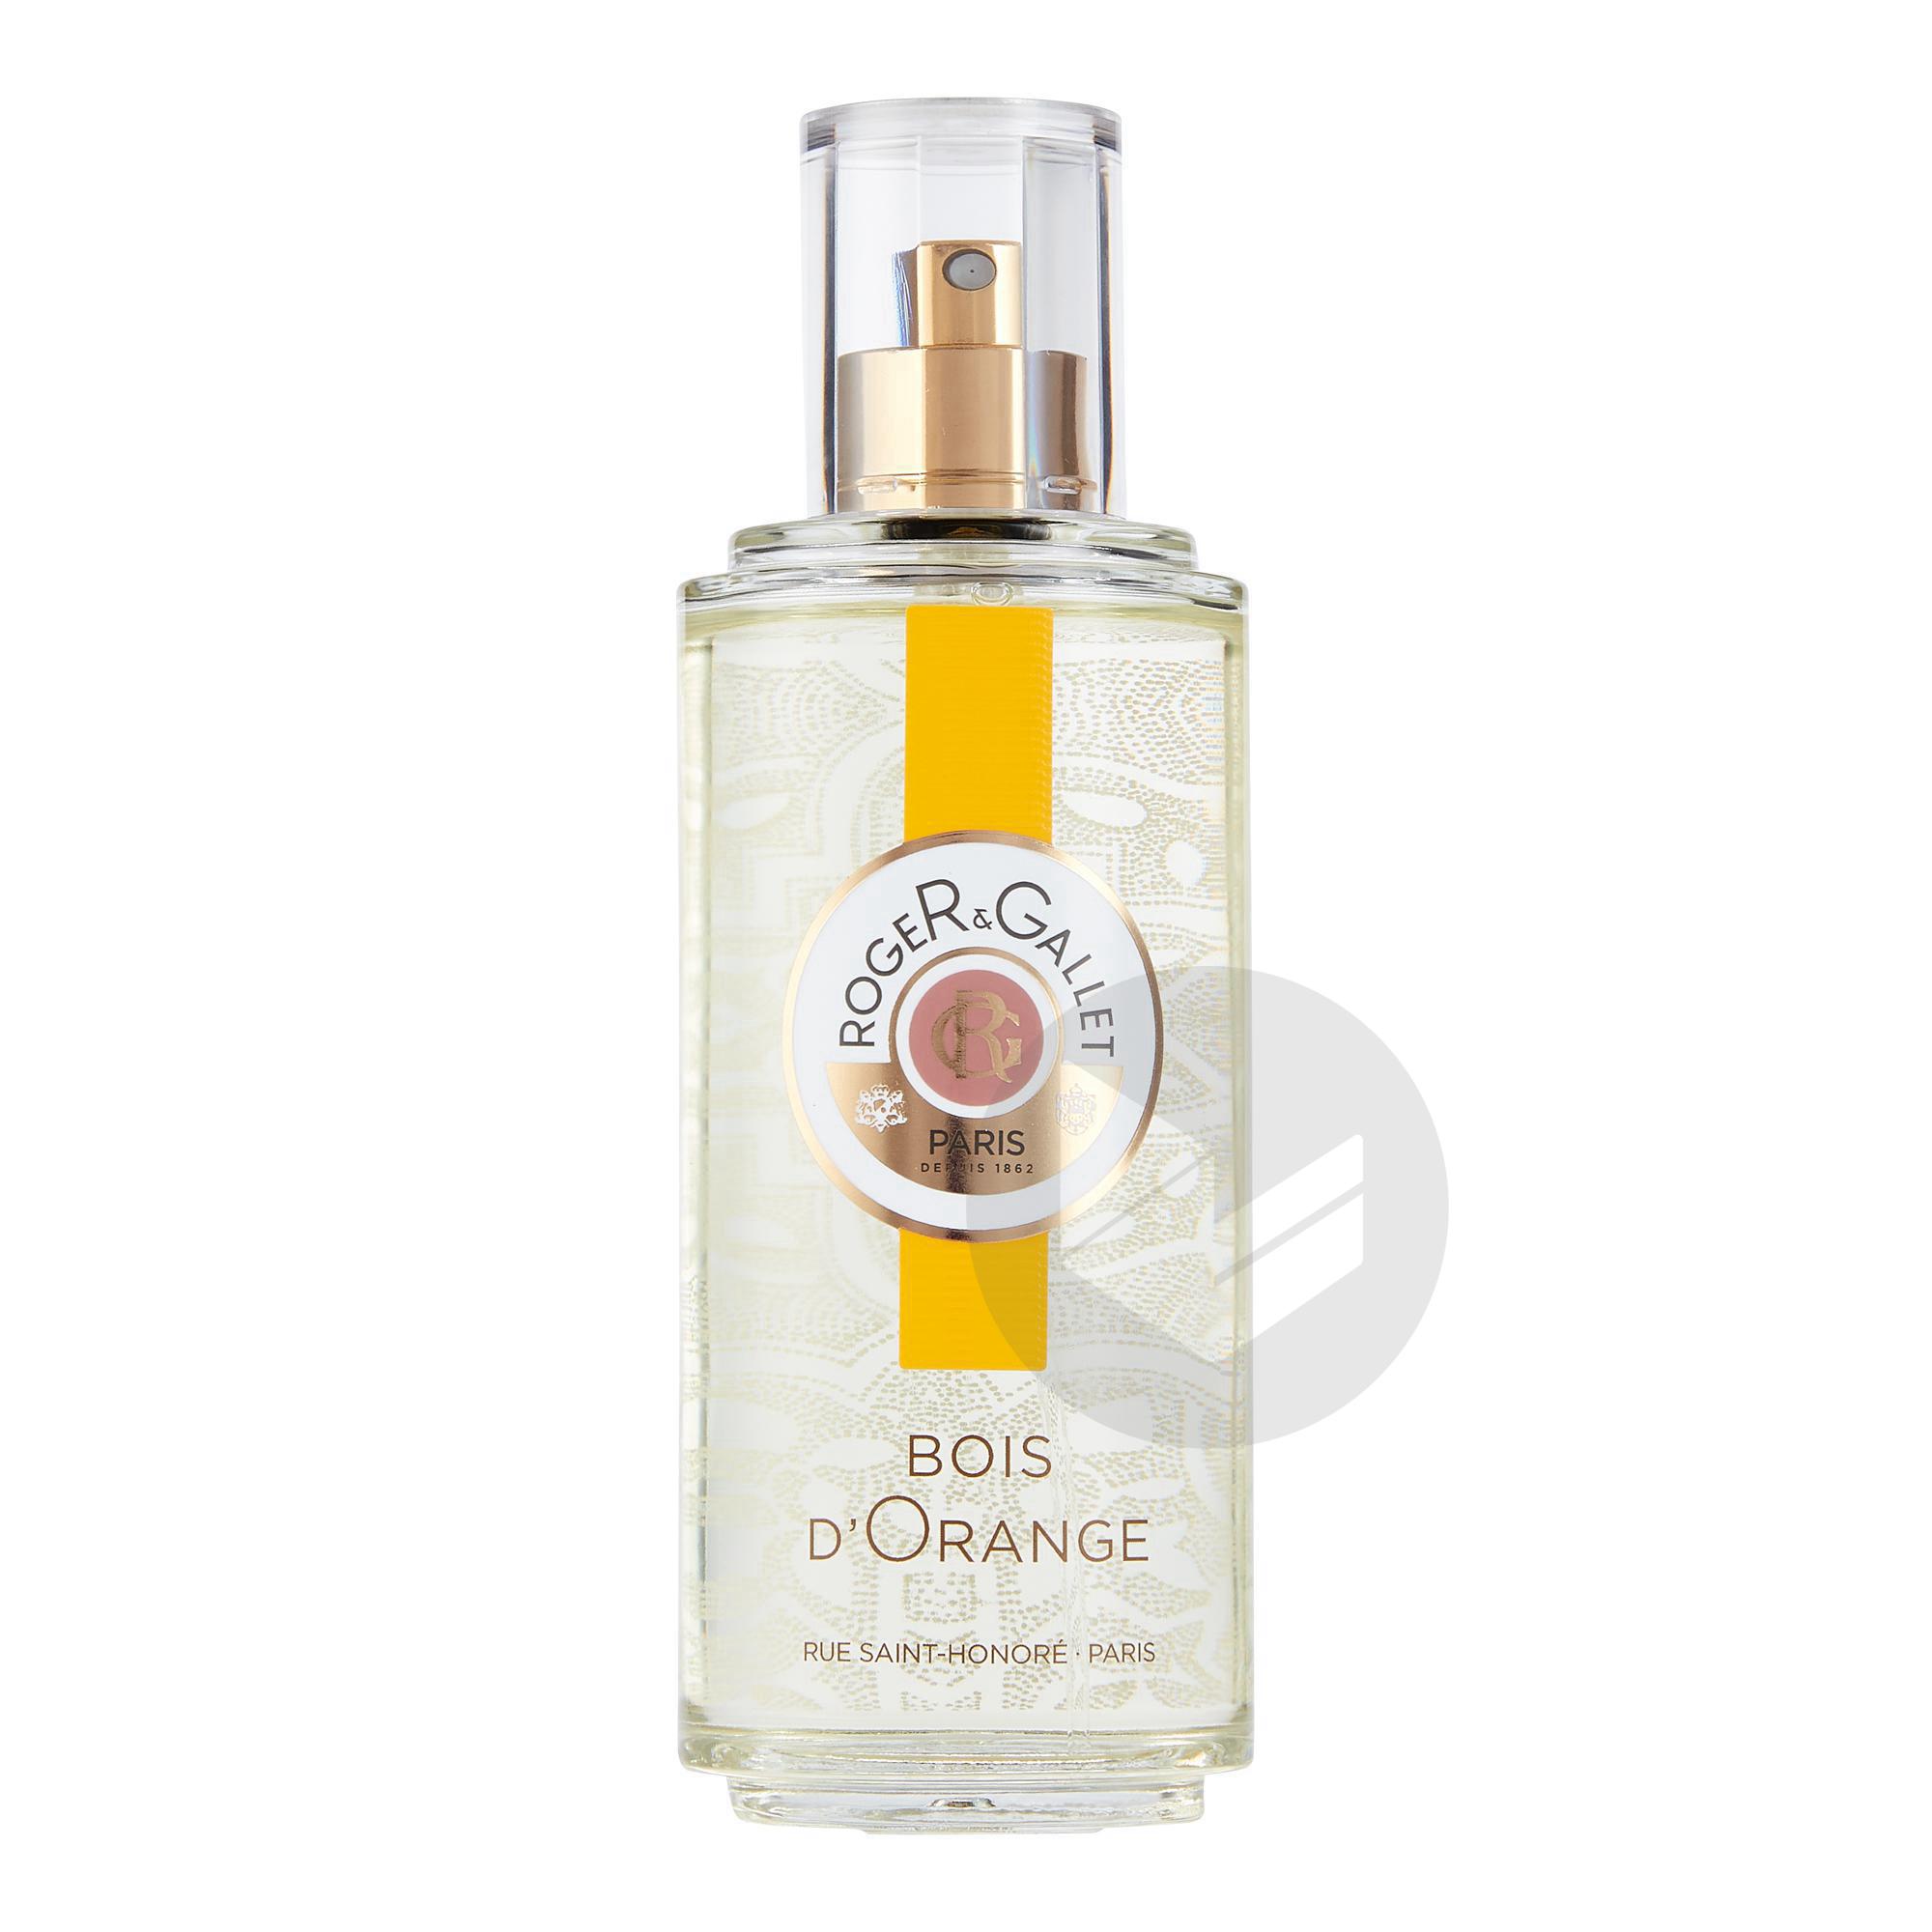 Bois D Orange Eau Fraiche Parfumee Bienfaisante Vaporisateur 100 Ml